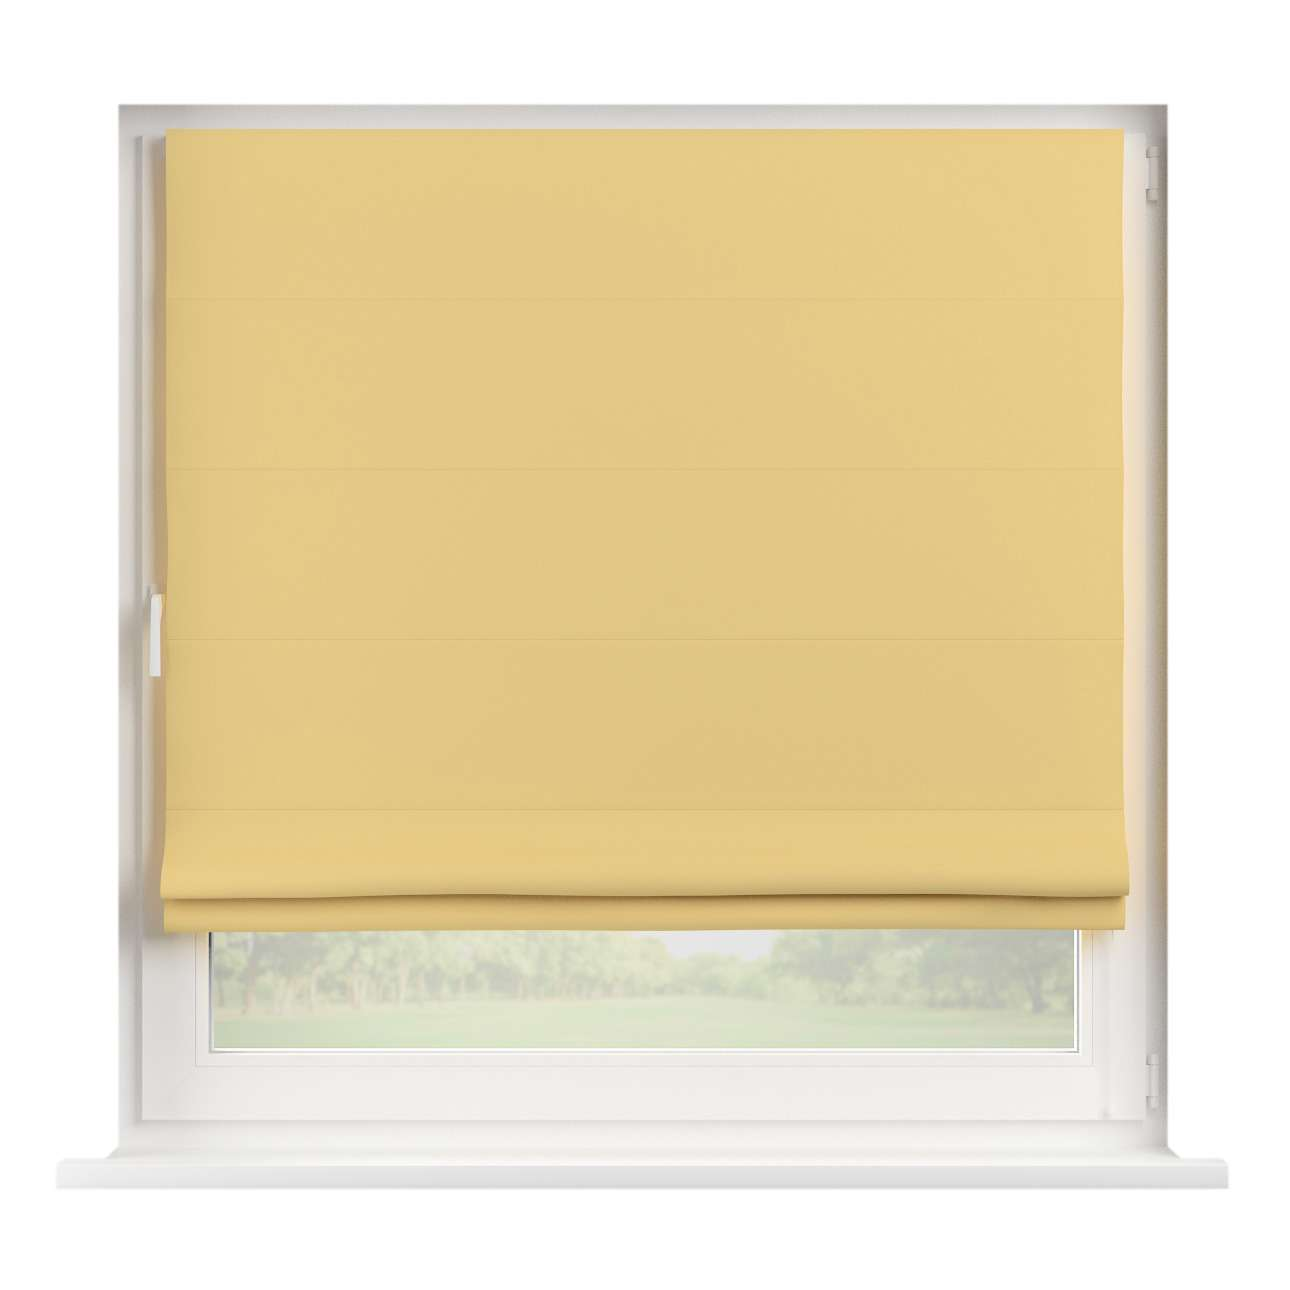 Foldegardiner mørklægning 80 x 170 cm fra kollektionen Blackout (mørklægning), Stof: 269-12